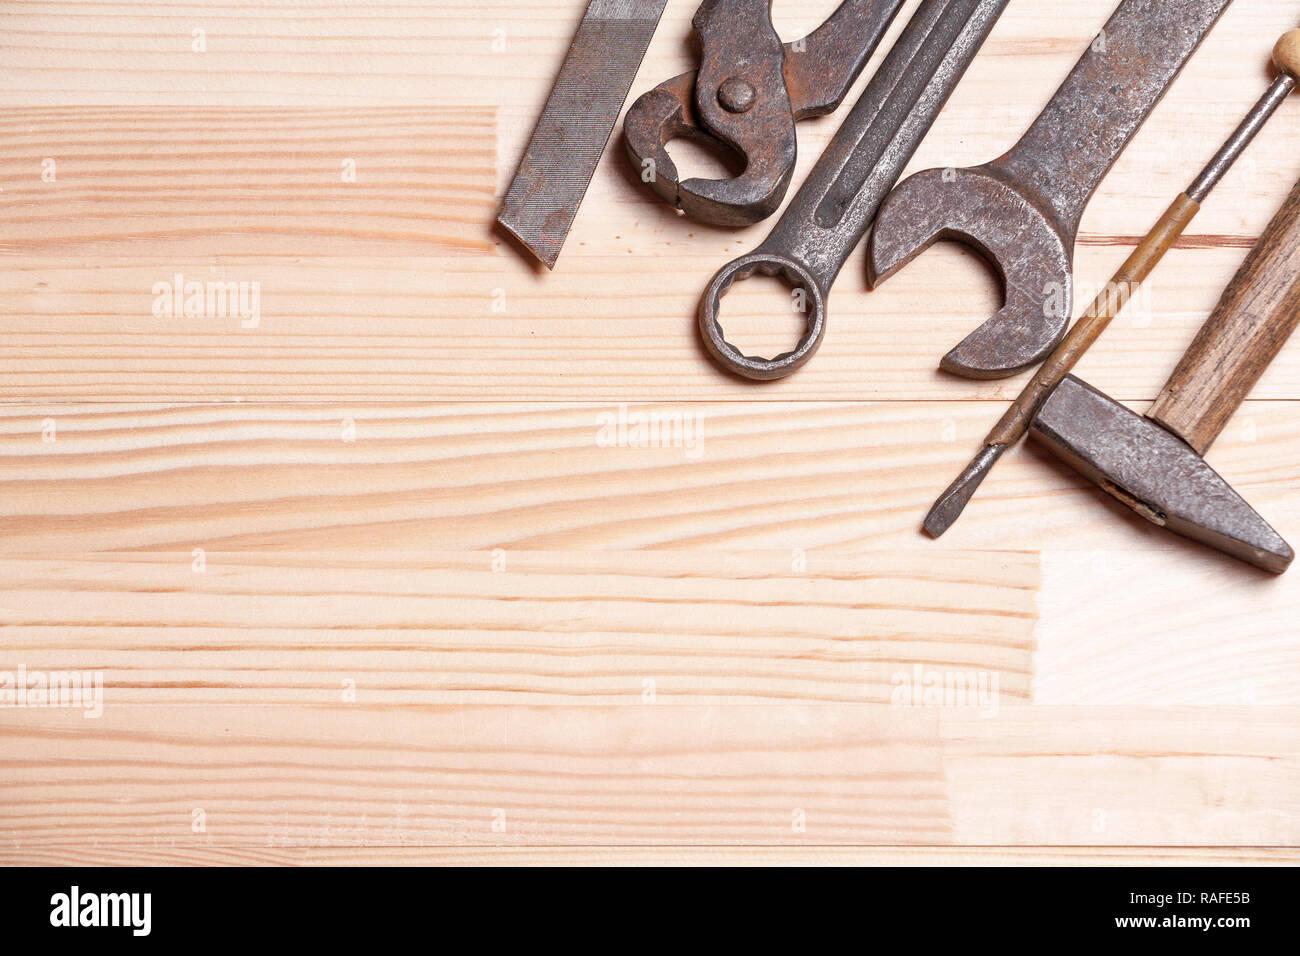 Rusty old robuste outils industriels travaux clé clé tournevis lumière arrière-plan en bois naturel Banque D'Images